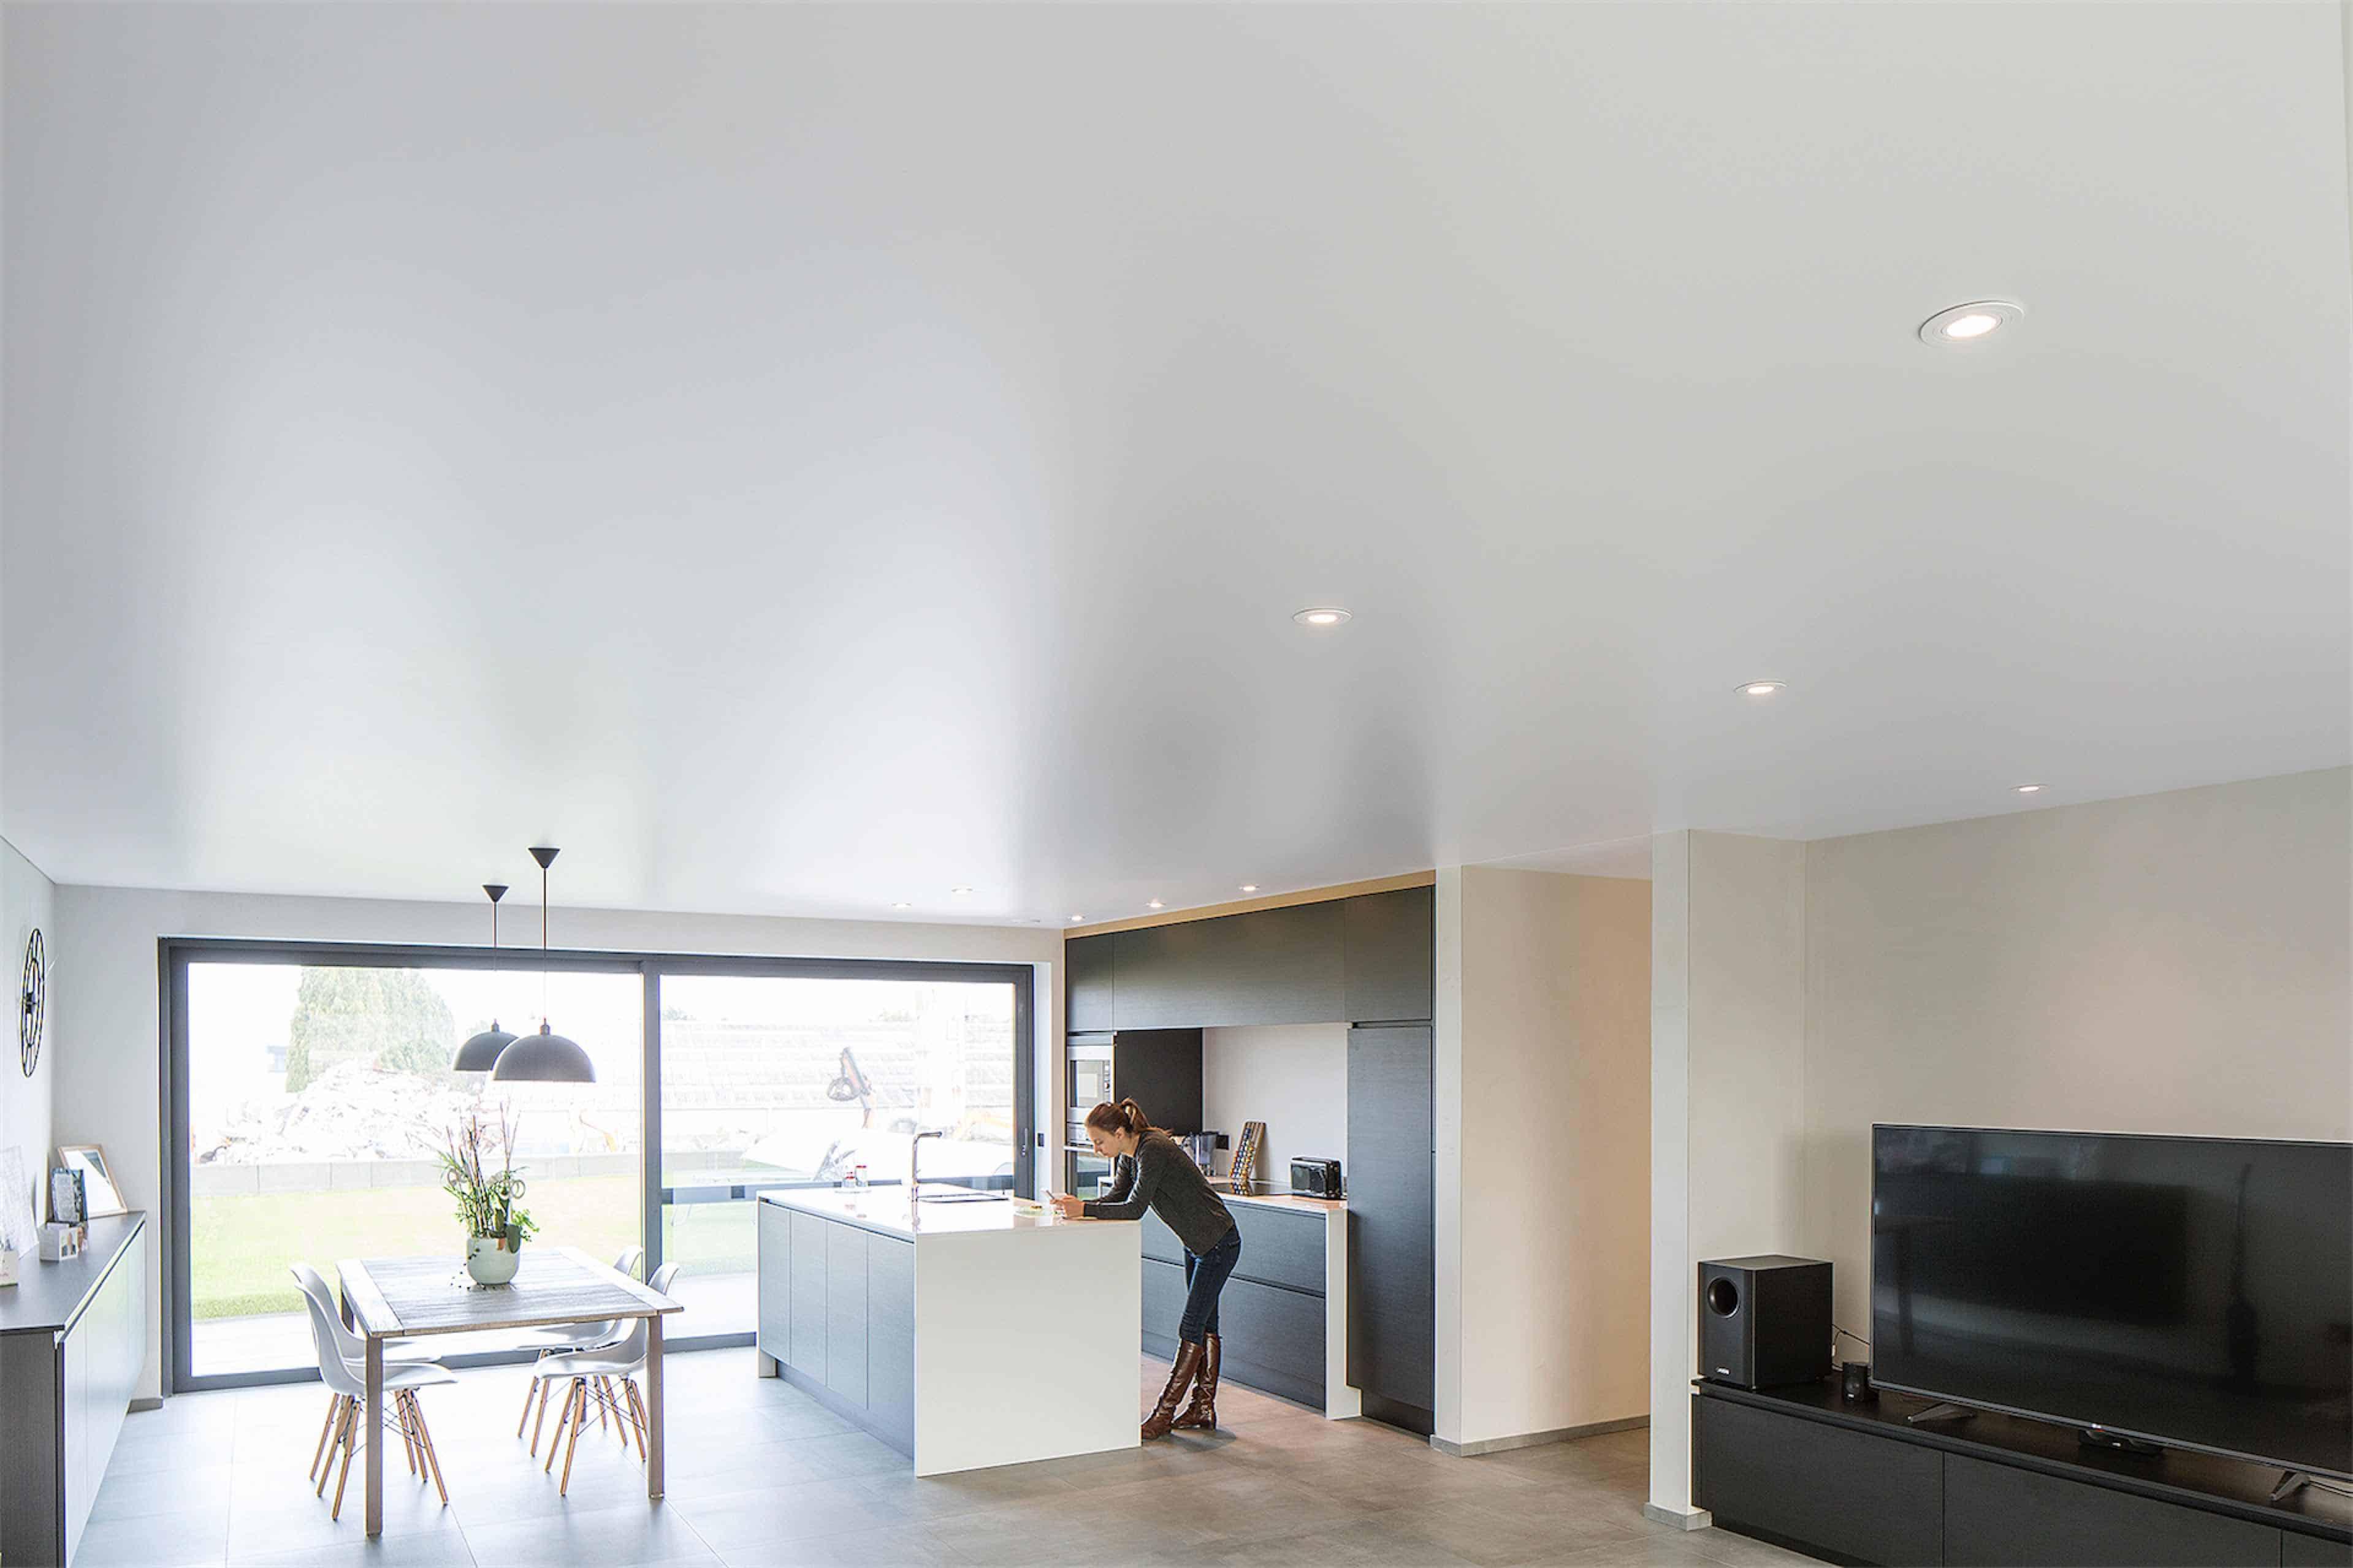 Aluminium Plafond Badkamer : Badkamer plafond verf badkamer plafond inspirerende